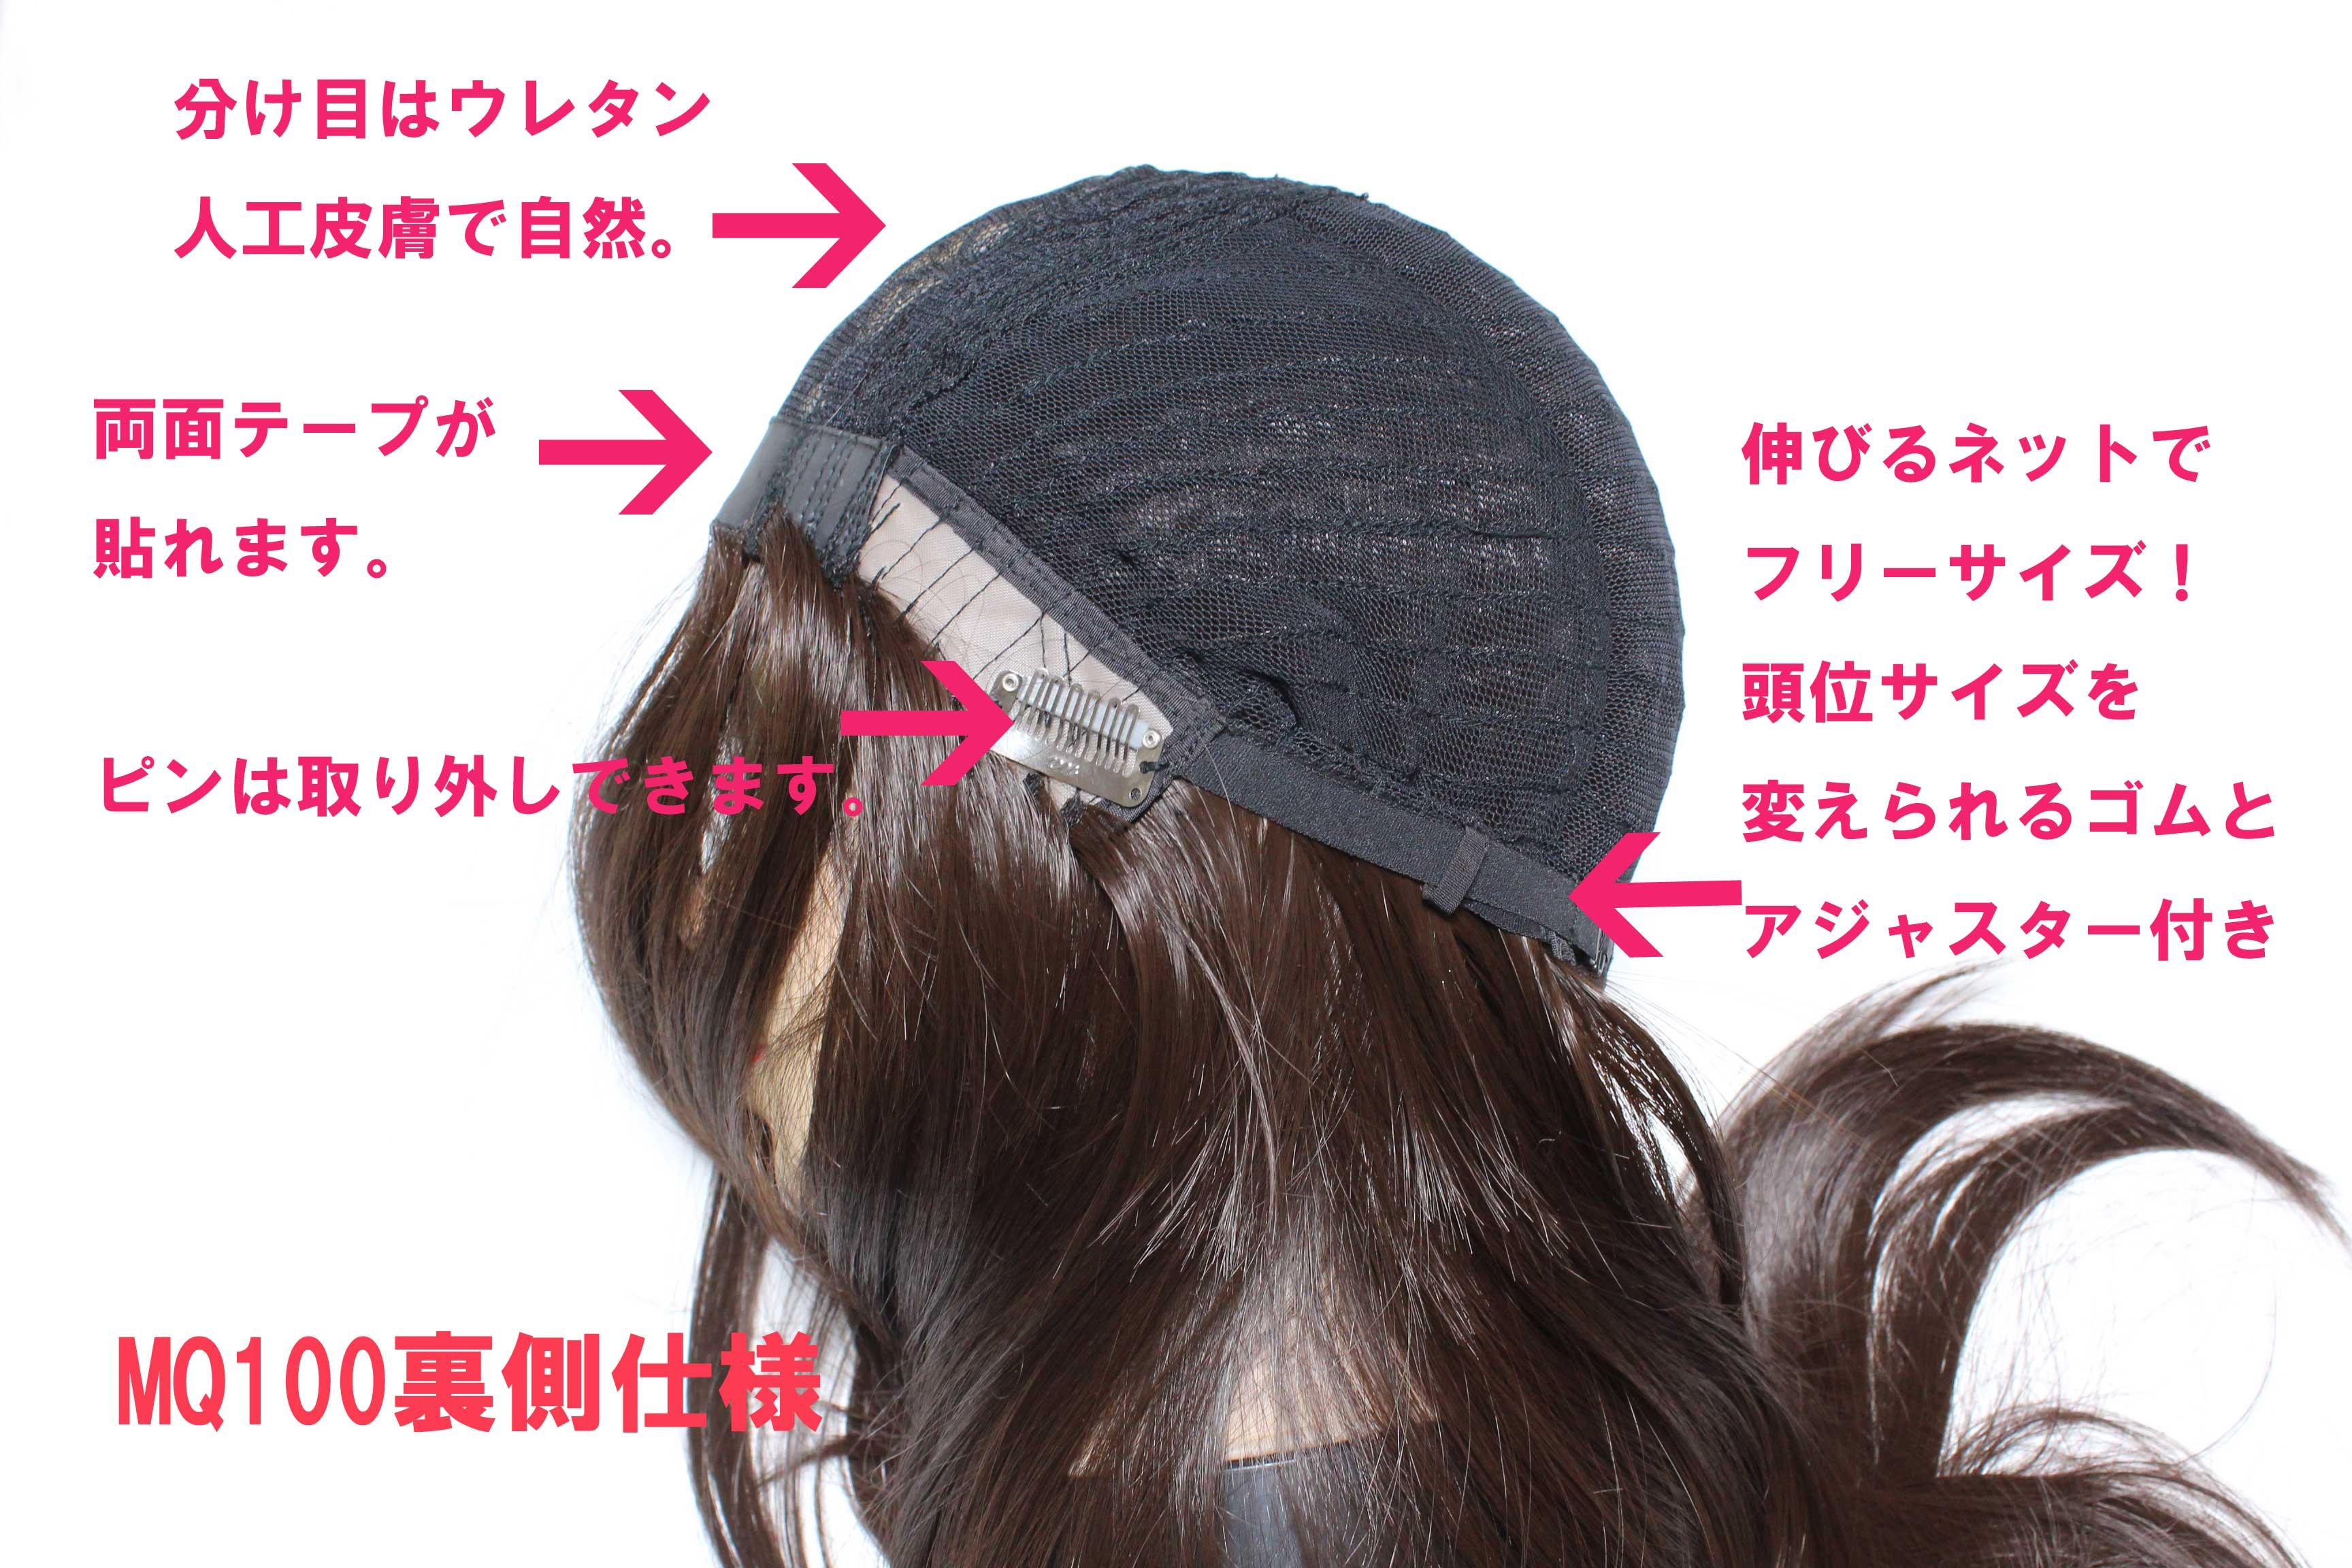 自分で自由にヘアアレンジが可能な日本製人工毛100%の医療用ウィッグ裏側の工夫